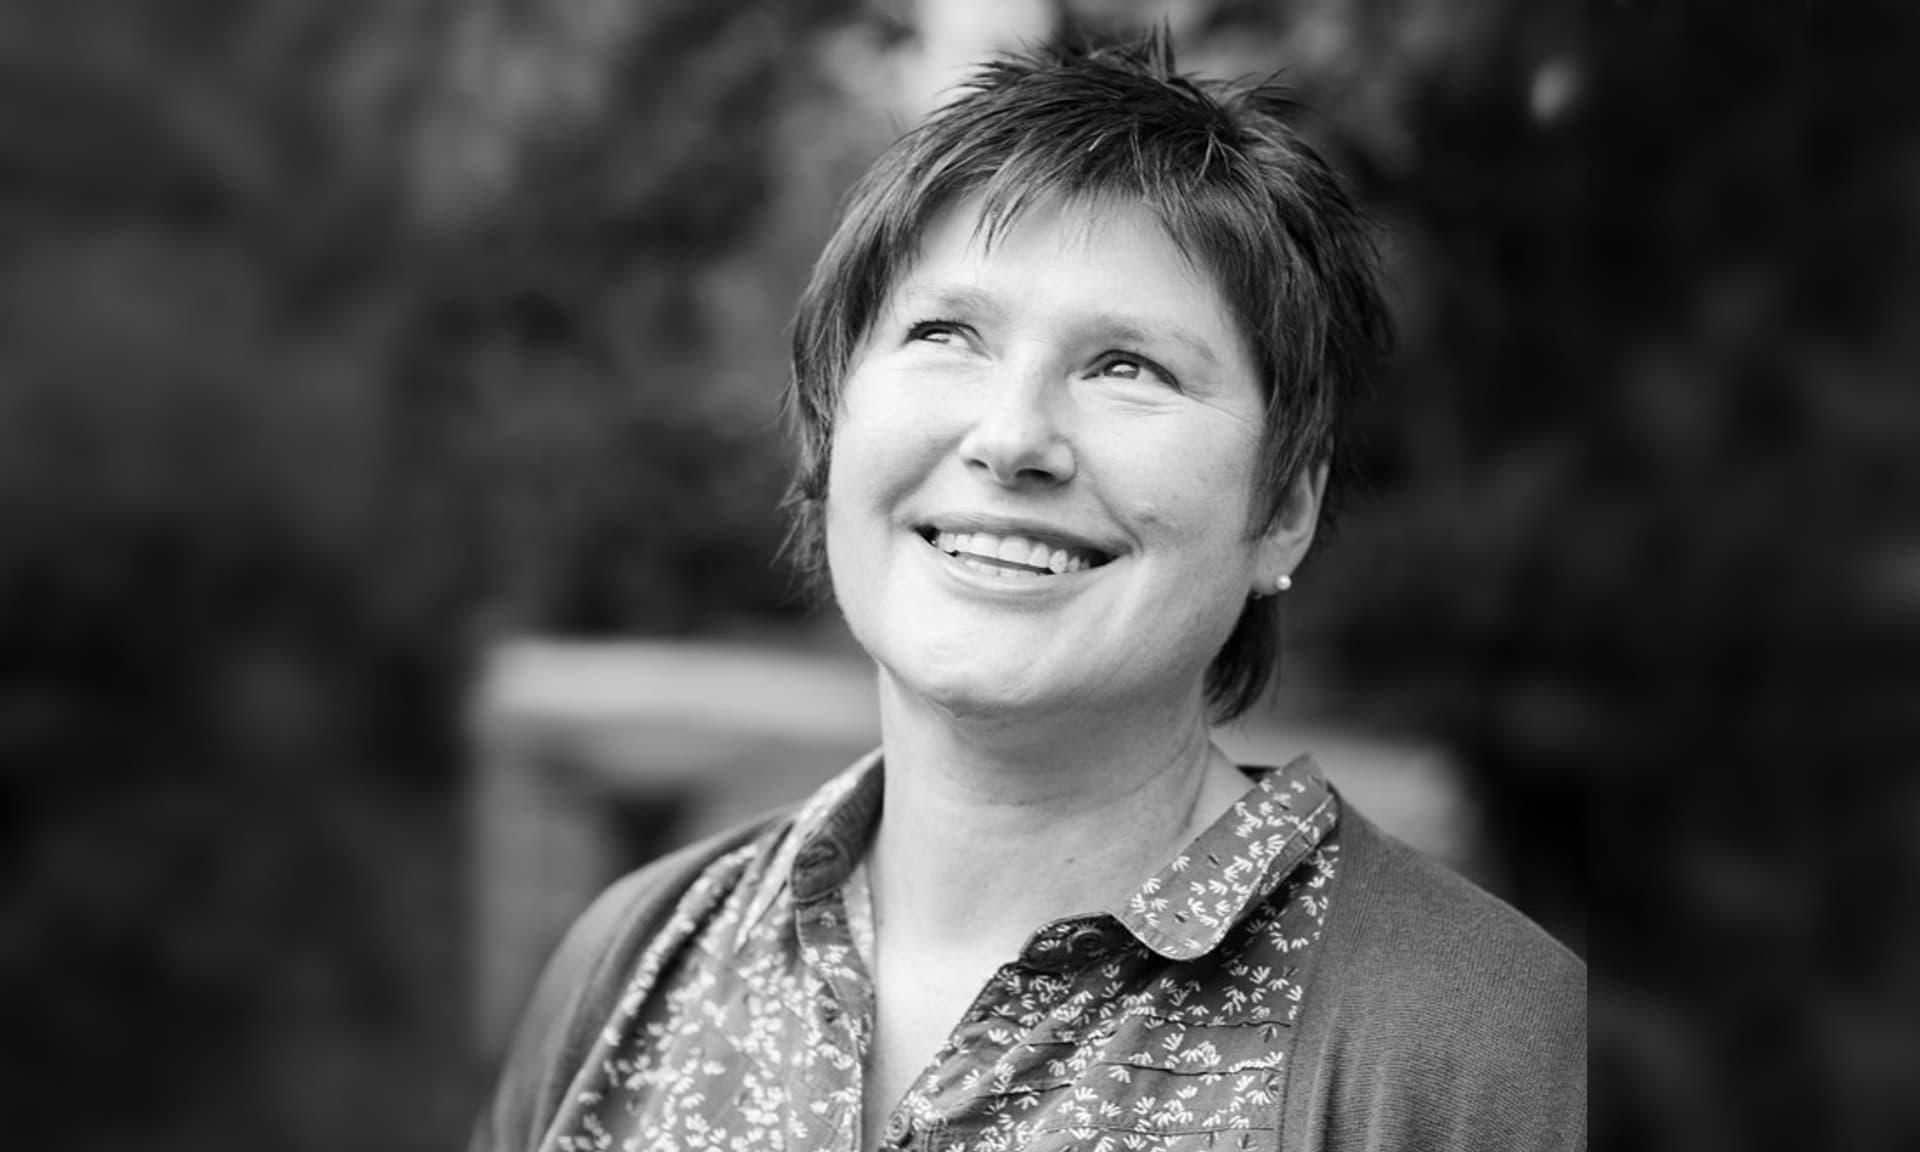 Starb nach langem Kampf gegen ihre Krankheit: Heike Kirsten